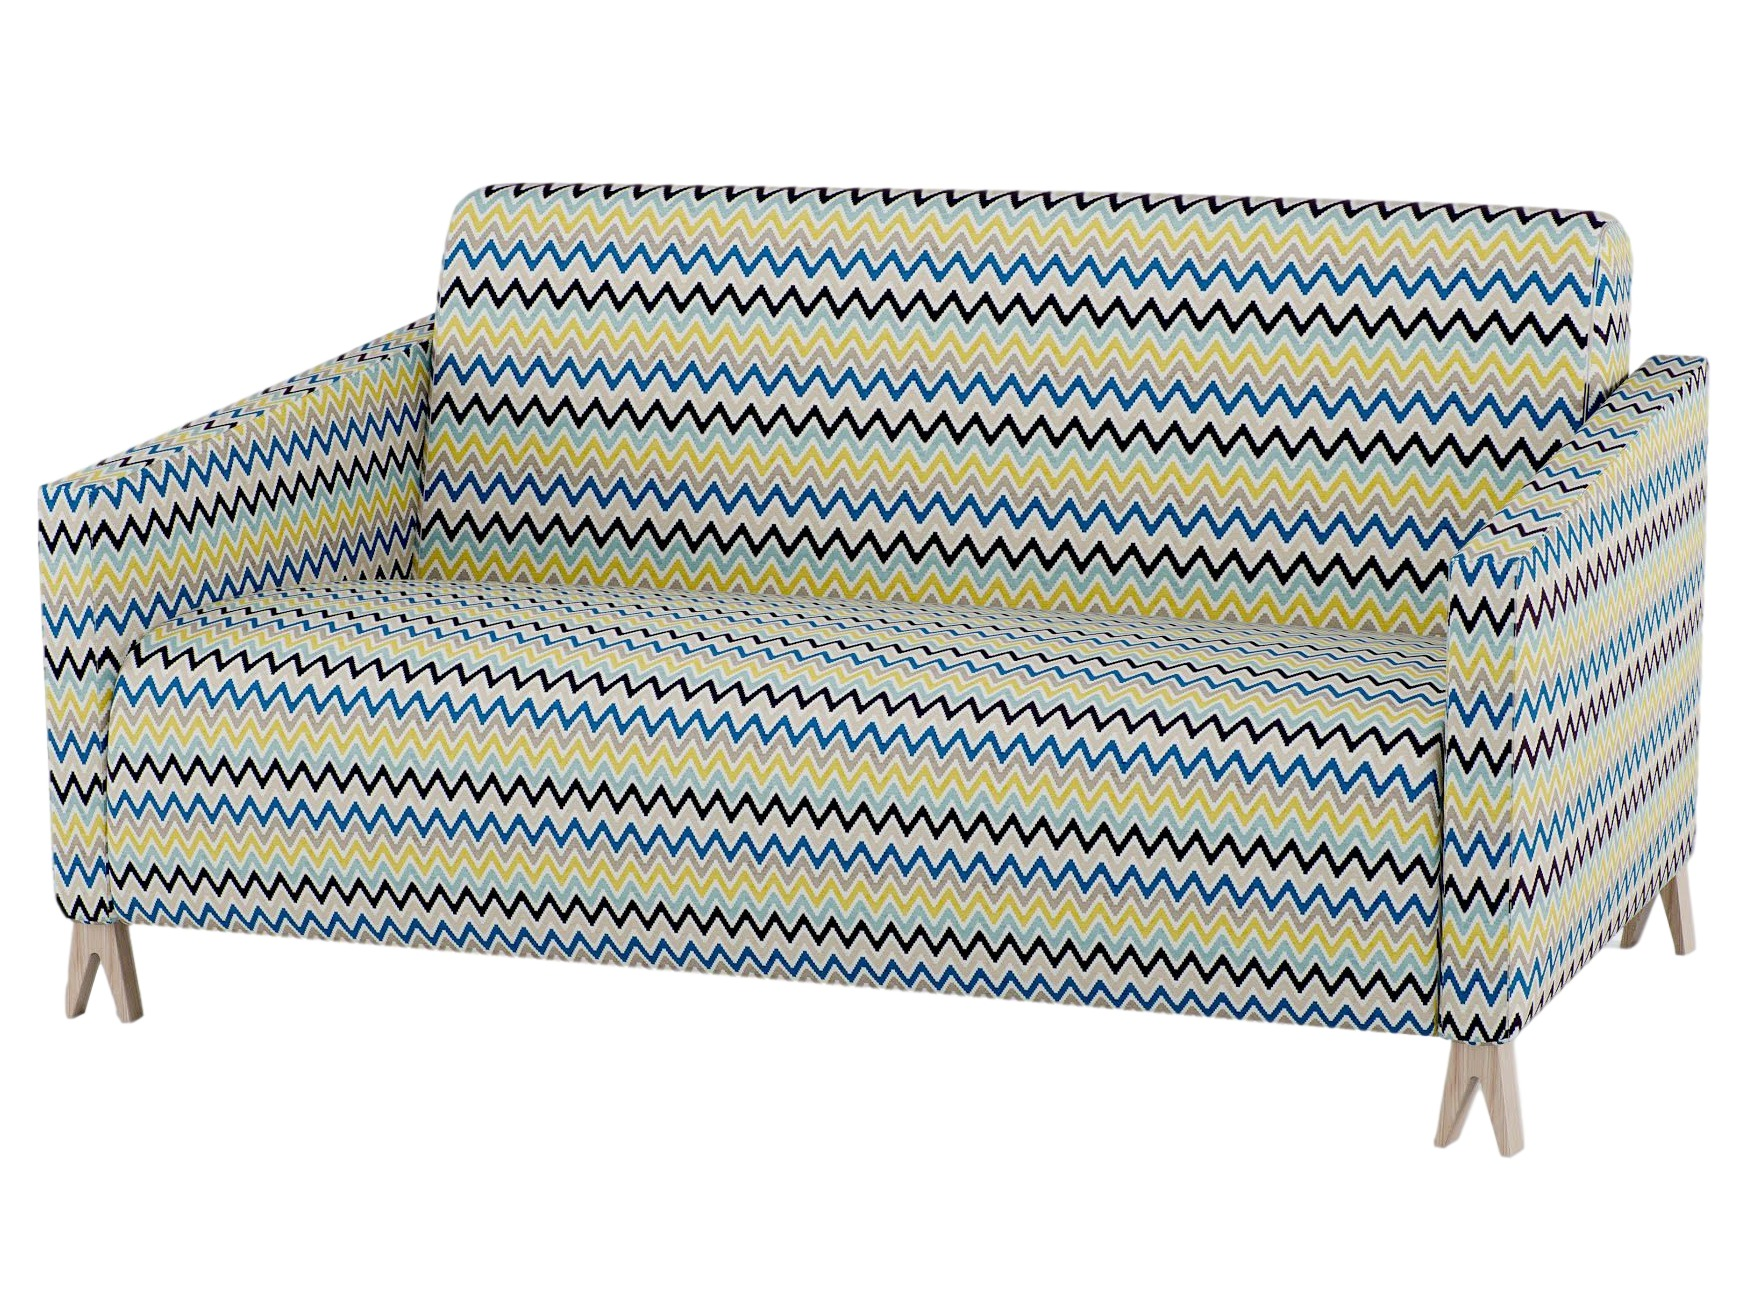 Диван двухместный SOVAДвухместные диваны<br>Двухместный диван Sova – выпущен первым из целой коллекции домашних и общественных кресел и диванов. Мягкий диван покрыт высококачественной обивочной тканью, разработанной английской компанией Kirkby Design. Для разнообразия вы можете сочетать в одном диване несколько цветов обивки. Материал: Каркас – фанера, ткань - 100% полиэстер.<br><br>Material: Текстиль<br>Width см: 91<br>Depth см: 91<br>Height см: 156